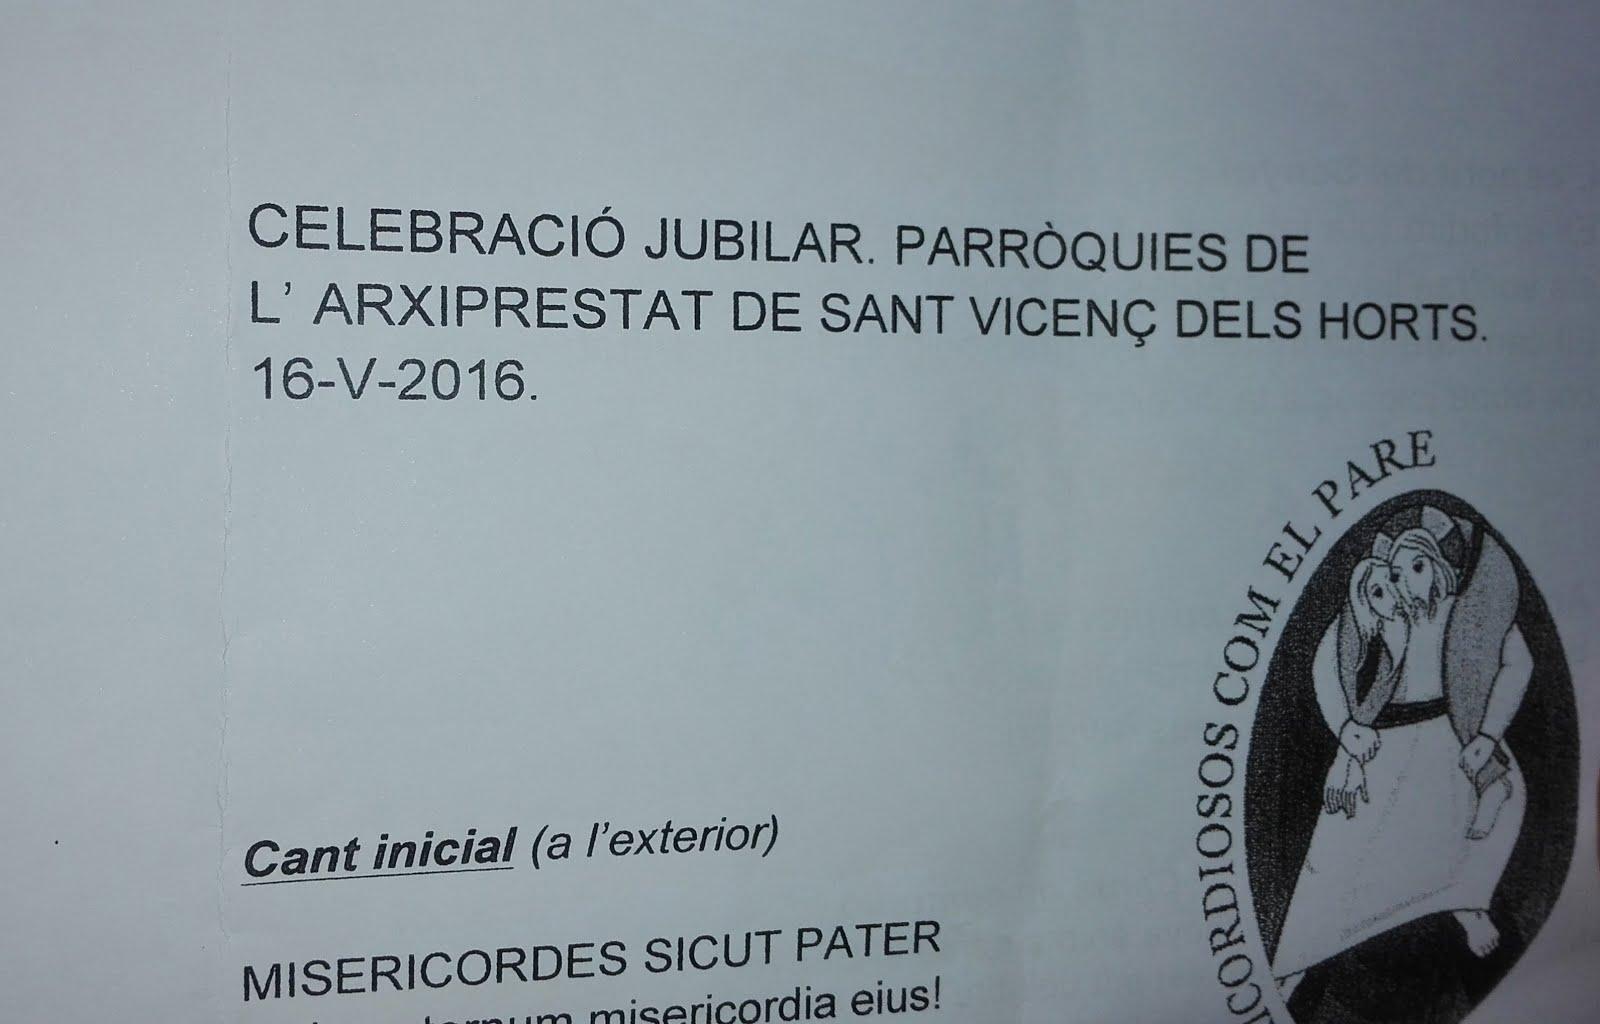 Peregrinació arxiprestat St. Vicenç dels Horts al Santuari de Misericòrdia de Reus (16-5-2016)